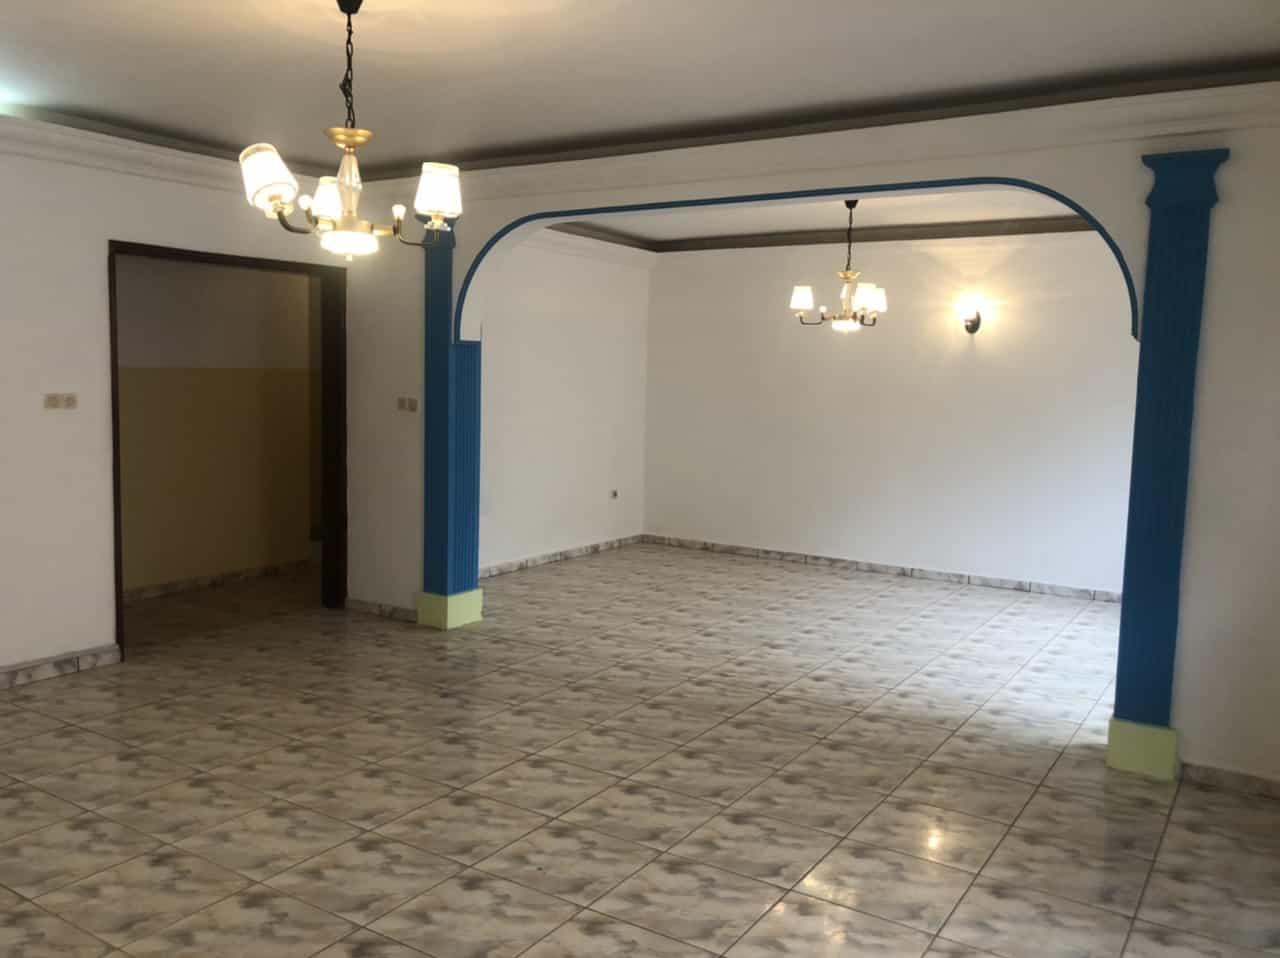 Appartement à louer - Yaoundé, Bastos, Carrefour Bastos - 1 salon(s), 3 chambre(s), 3 salle(s) de bains - 400 000 FCFA / mois